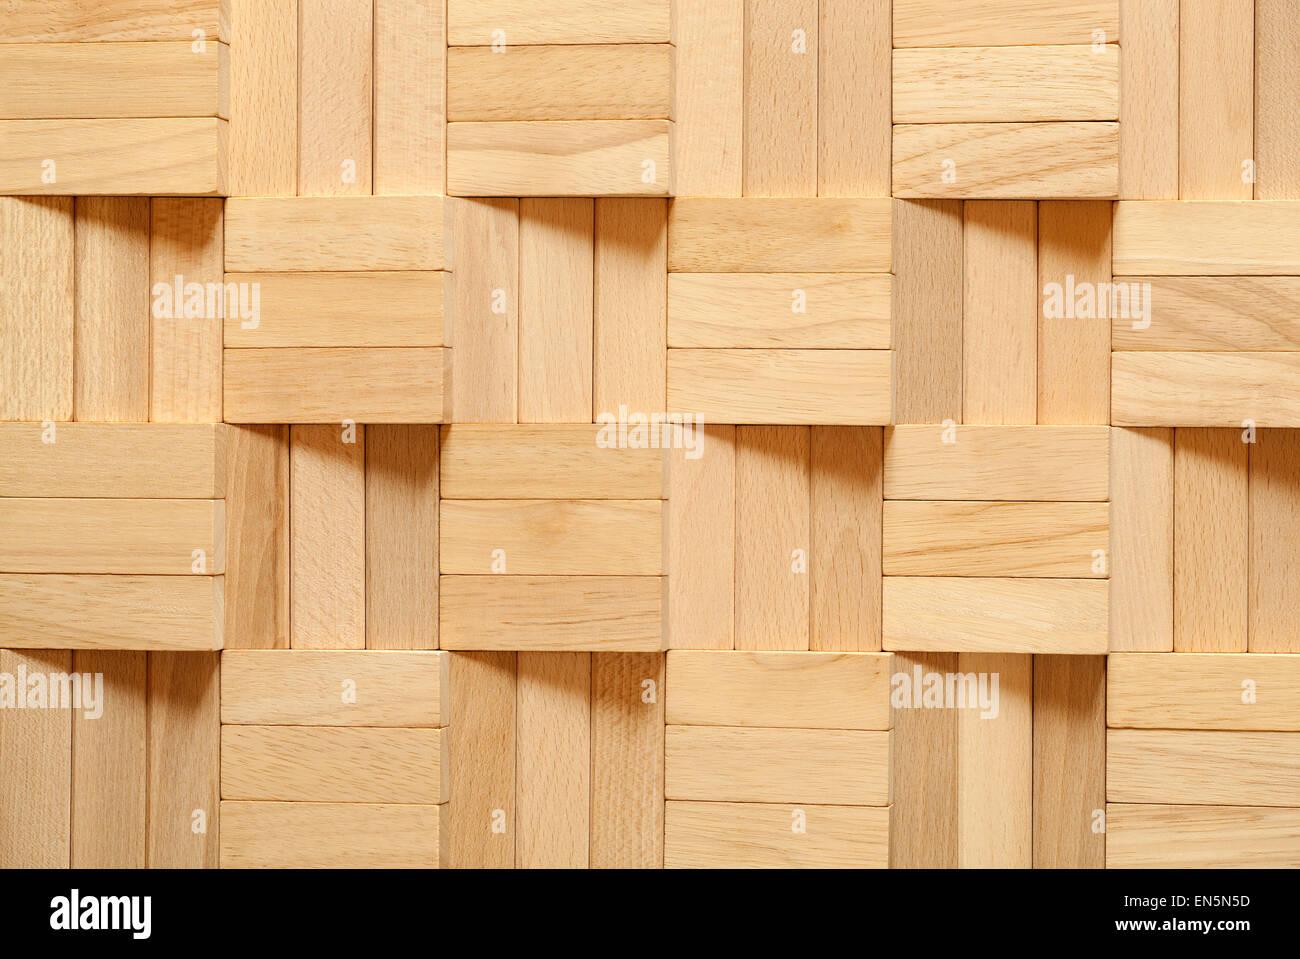 Muster als Hintergrund von Blöcken angeordnet Stockbild